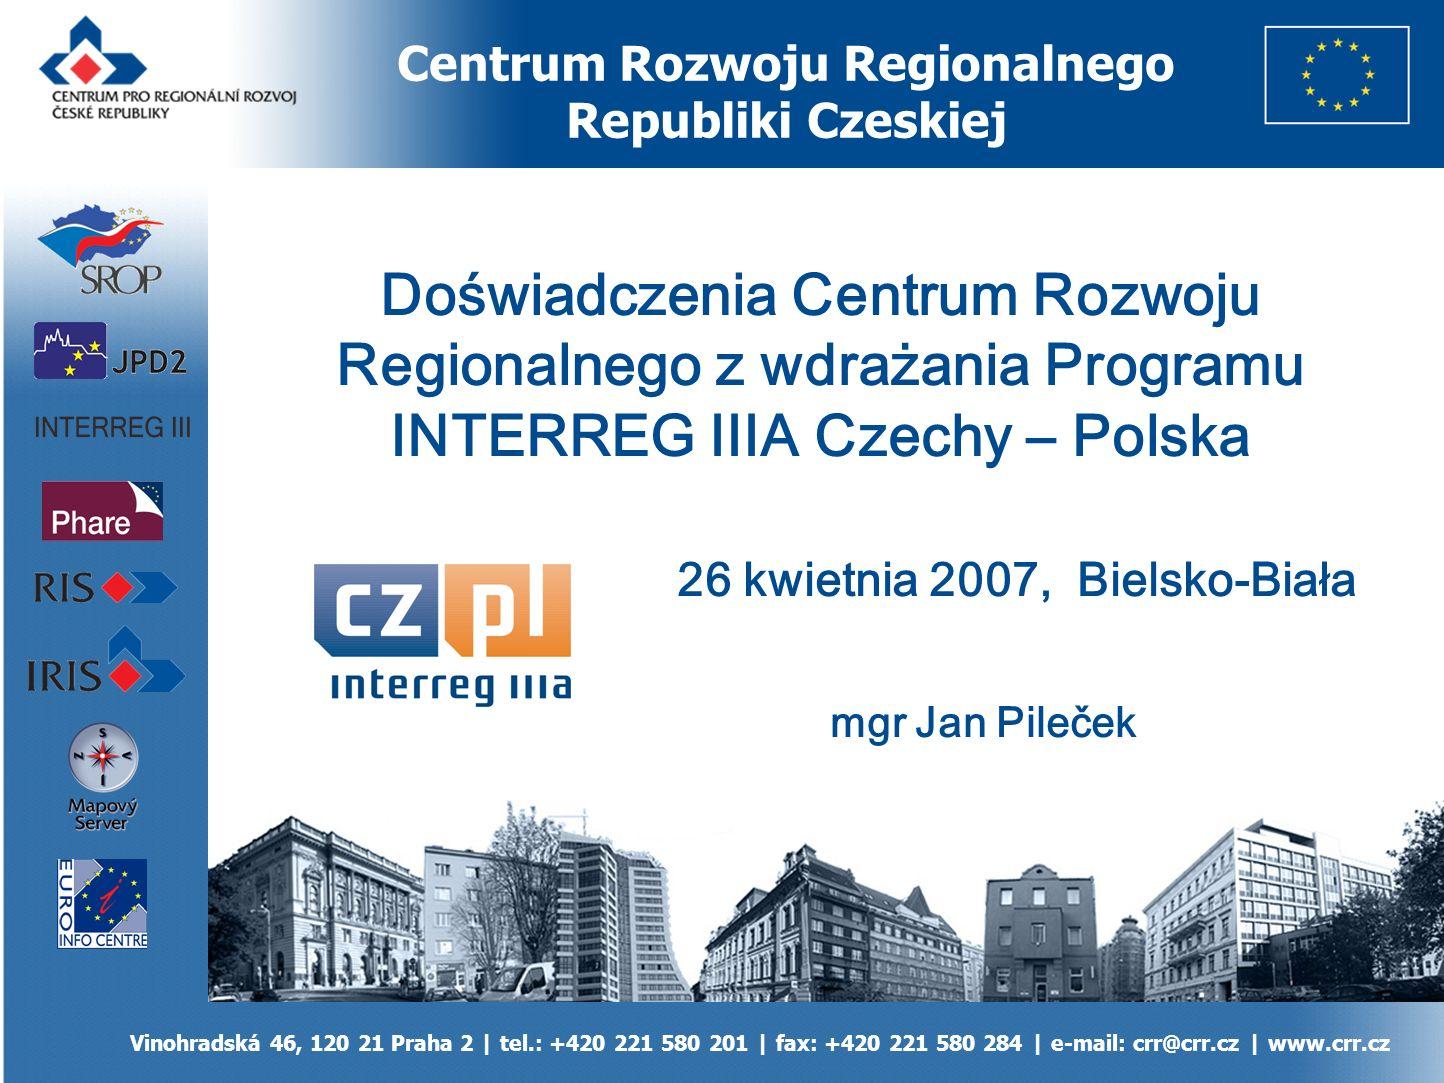 Centrum Rozwoju Regionalnego Republiki Czeskiej Centrum pro regionální rozvoj ČR, Vinohradská 46, 120 21 Praha 2 | tel.: +420 221 580 201 | fax: +420 221 580 284 | e-mail: crr@crr.cz | www.crr.cz jednostka budżetowa Ministerstwa Rozwoju Regionalnego Republiki Czeskiej powstało w grudniu 1996 od roku 1998 agencja wdrażająca fundusze przedakcesyjne UE od 2004 Instytucja Pośrednicząca dla projektów realizowanych w ramach funduszy strukturalnych UE (programy – SROP, JPD2, INTERREG IIIA, IIIB a IIIC, ESPON, INTERACT) prowadzi systemy informacyjne dotyczące rozwoju regionalnego (np.